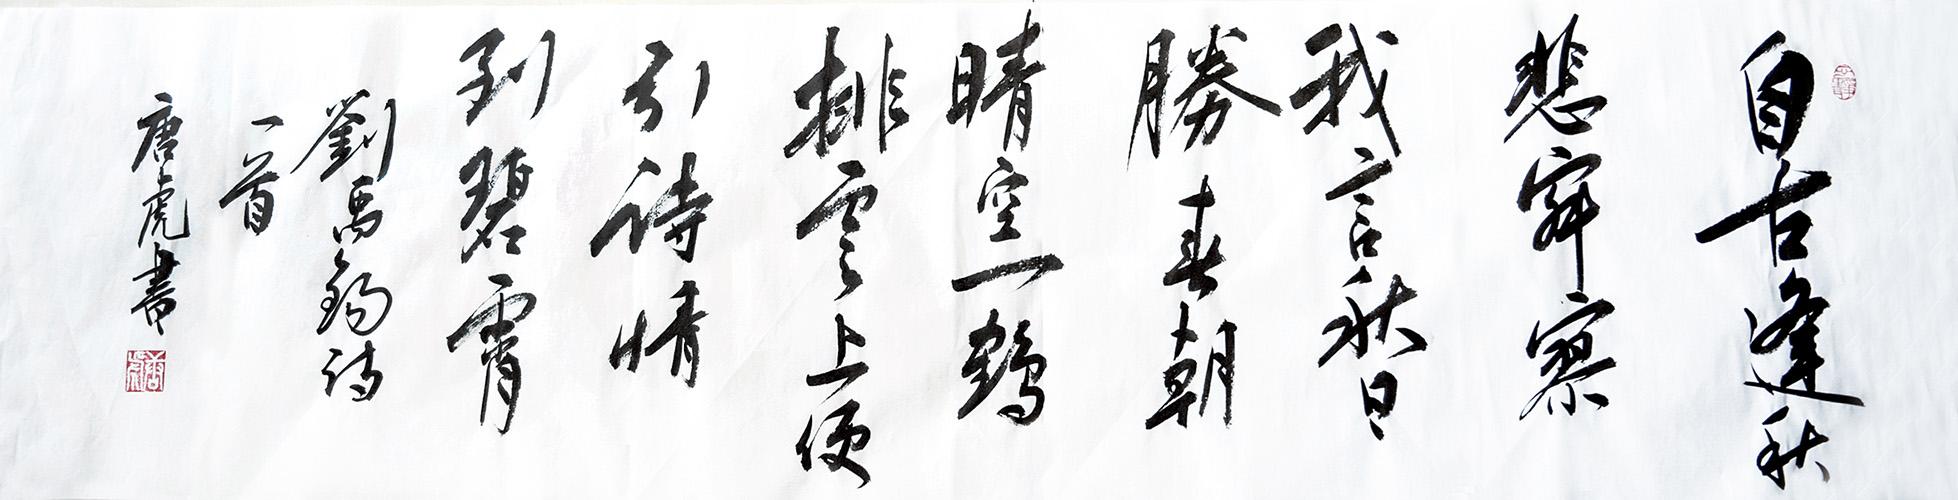 唐虎作品之一 (6)